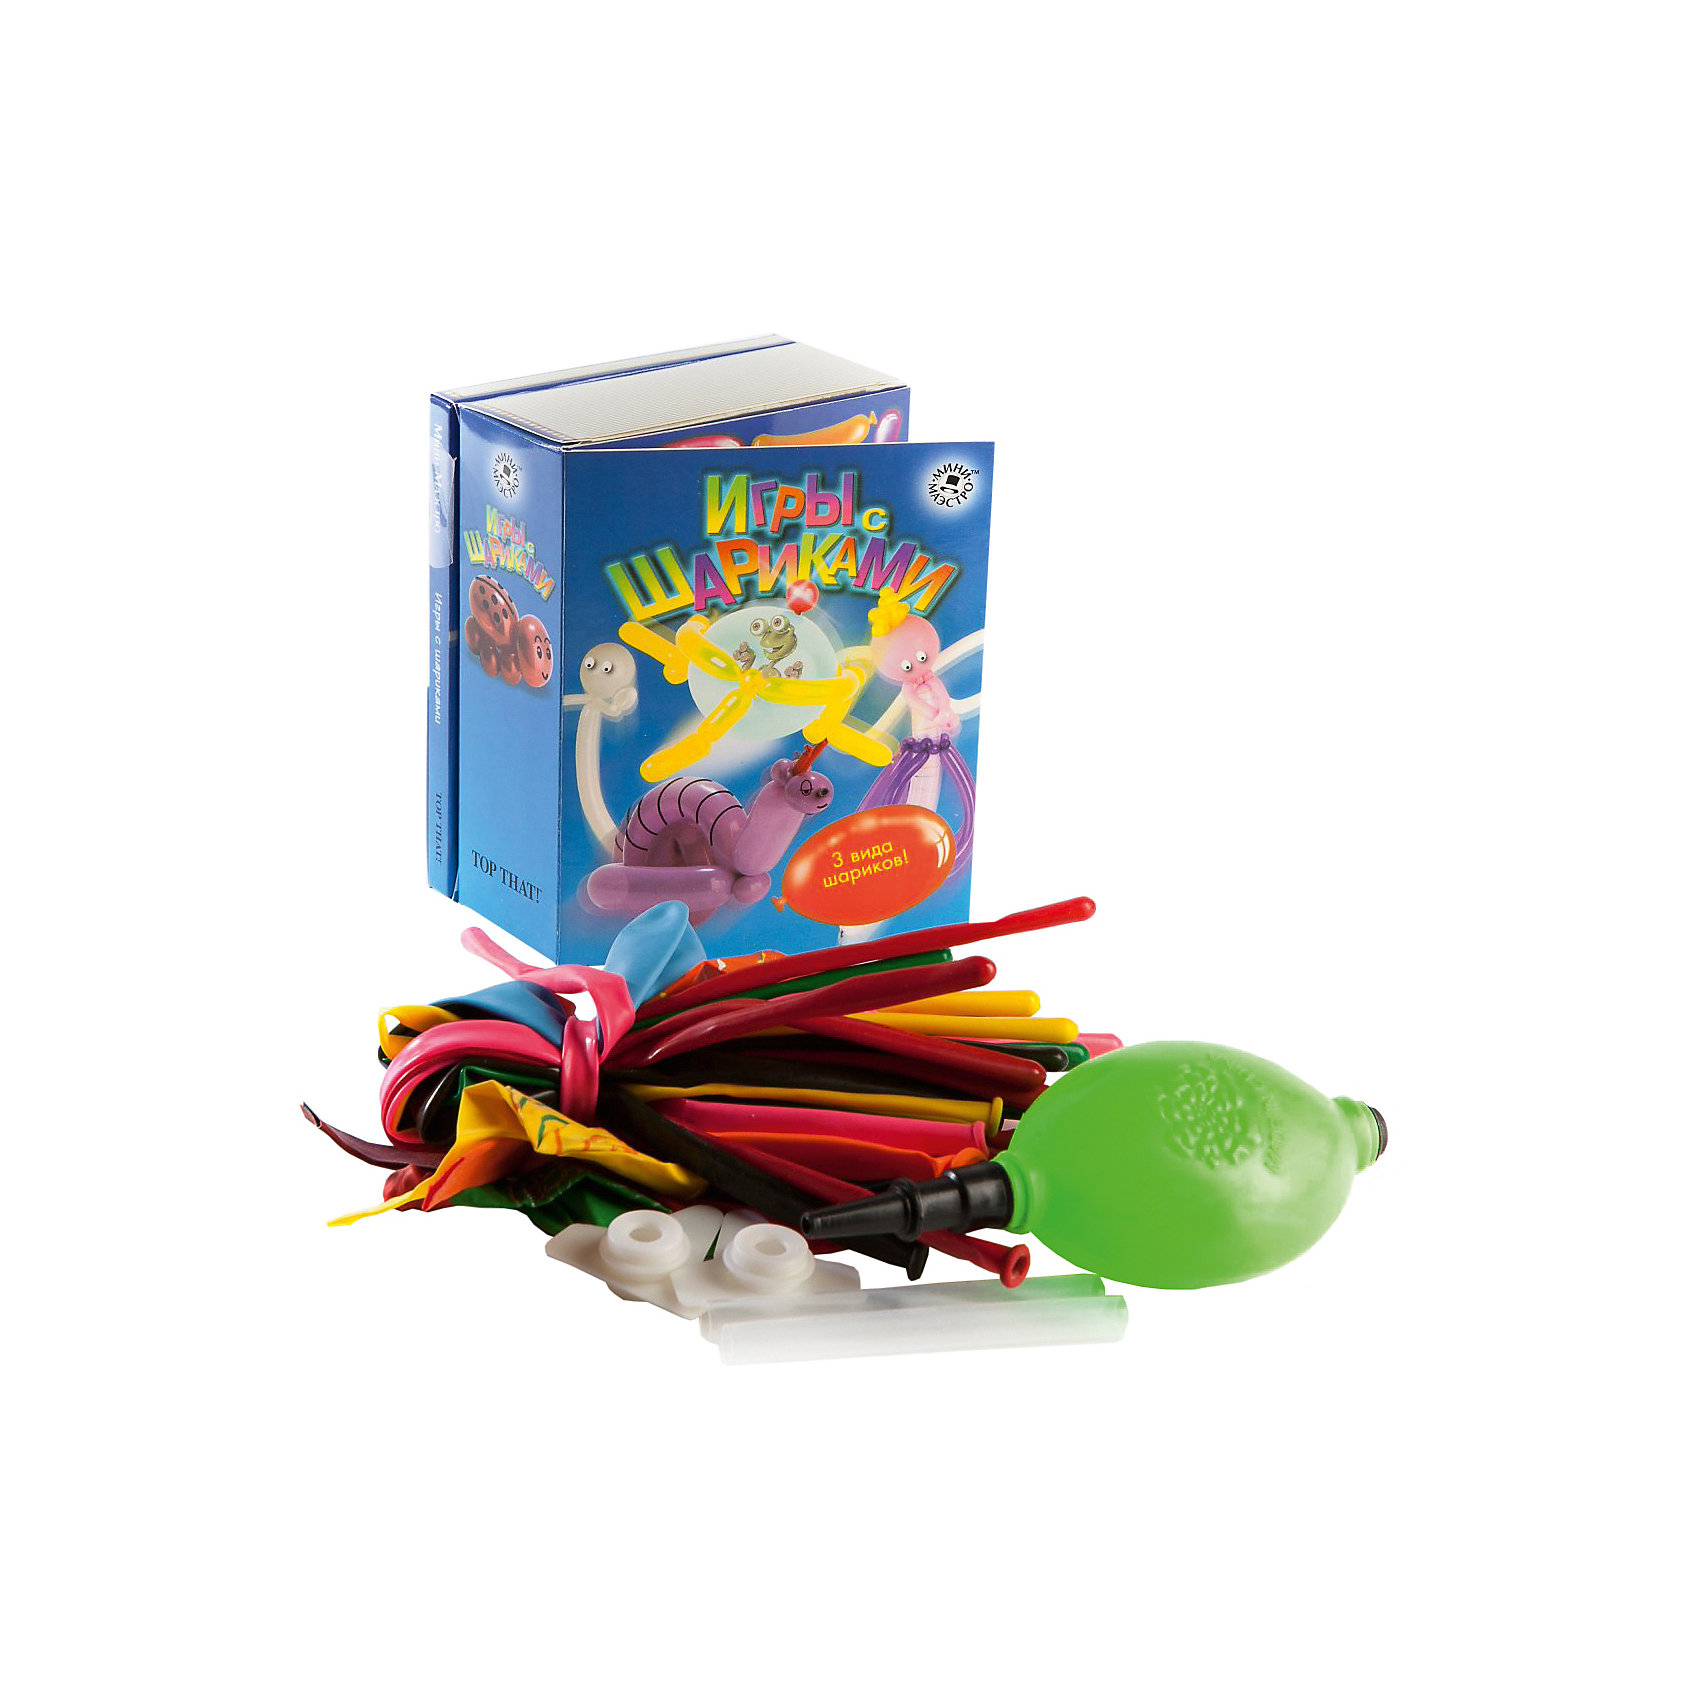 Набор Игры с шарикамиНаборы для фокусов<br>Мини-маэстро «Игры с шариками» - в этом наборе есть все, чтобы сделать самые необычные поделки из шариков. Твои модели будут летать, пищать и, конечно, всех напугают. Из 48-страничной книги ты узнаешь, как сделать из шариков ракету, летающую тарелку или приведение, а также получишь много вредных советов, как развлечься на вечеринке.<br>Дополнительная информация:<br>В набор входит:<br>- Книга с инструкциями 48 стр., цв. илл.,<br>- 15 разноцветных шариков для моделирования, <br>- 8 необычных шаров, <br>- мини-насос.<br>Размер упаковки (д/ш/в): 95 х 52 х 120 мм<br>С этим набором можно хорошо повеселиться!<br><br>Ширина мм: 95<br>Глубина мм: 52<br>Высота мм: 120<br>Вес г: 300<br>Возраст от месяцев: 72<br>Возраст до месяцев: 144<br>Пол: Унисекс<br>Возраст: Детский<br>SKU: 2358204